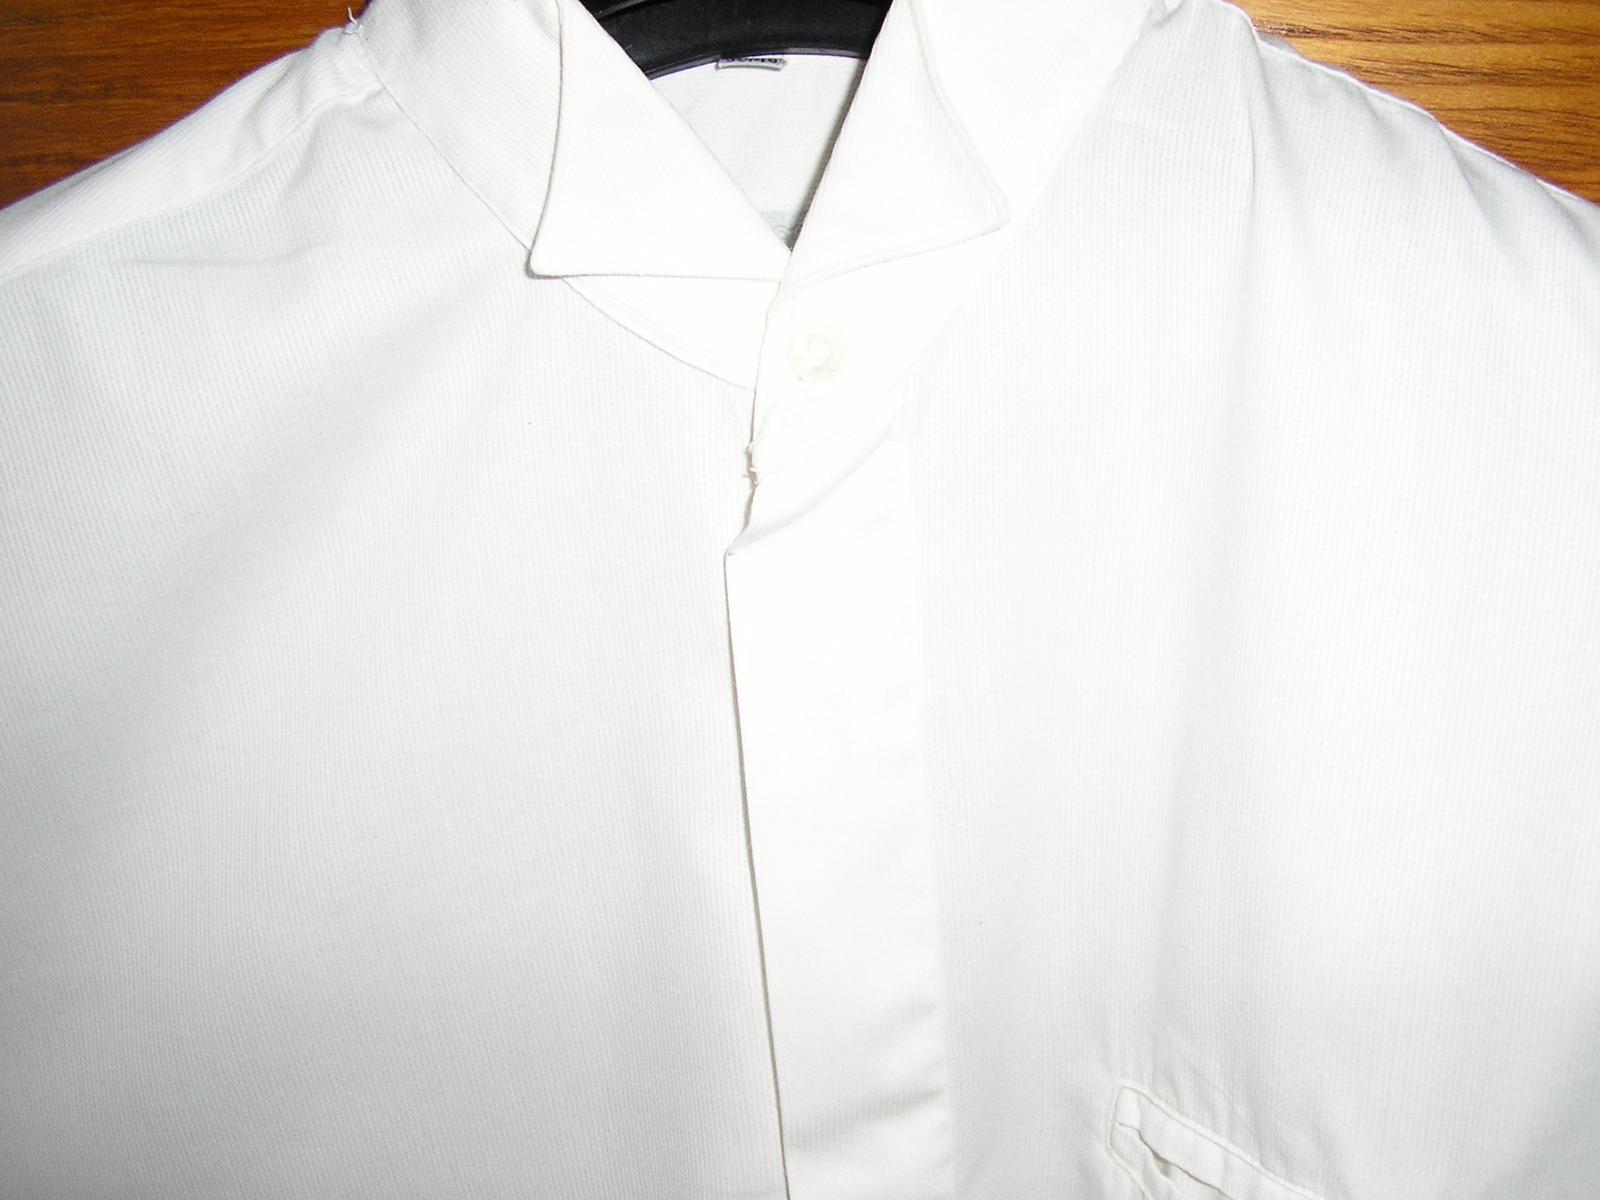 488. Spoločenská košeľa - Obrázok č. 2